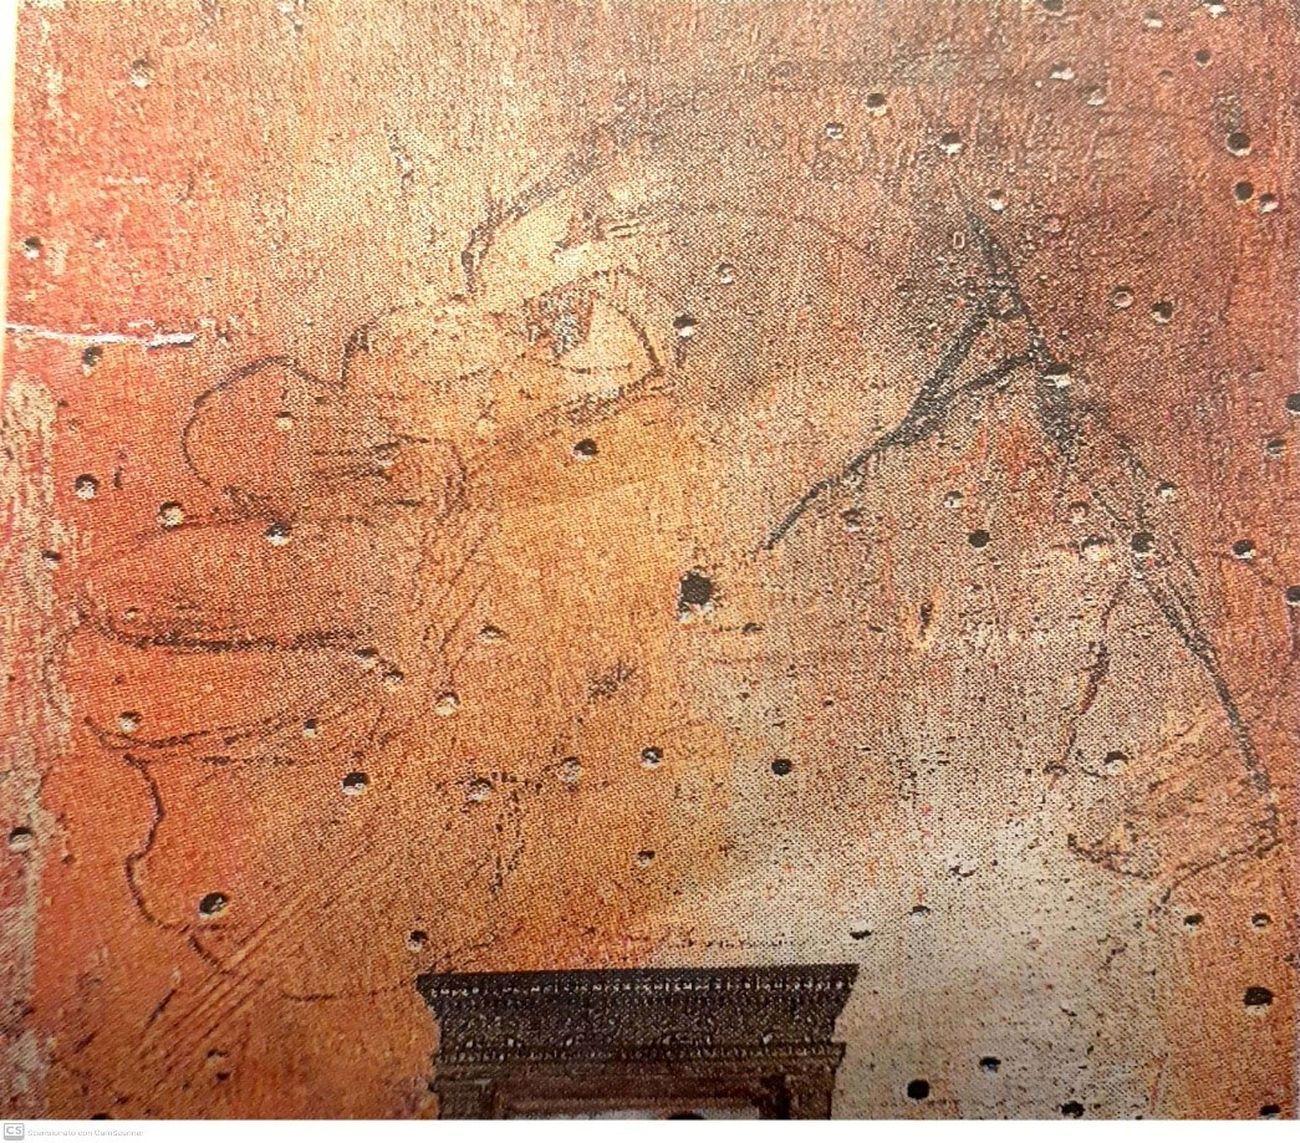 Giovanni Bellini, Profilo di un moro, Pala di Pesaro, 1472-75. Musei civici Pesaro